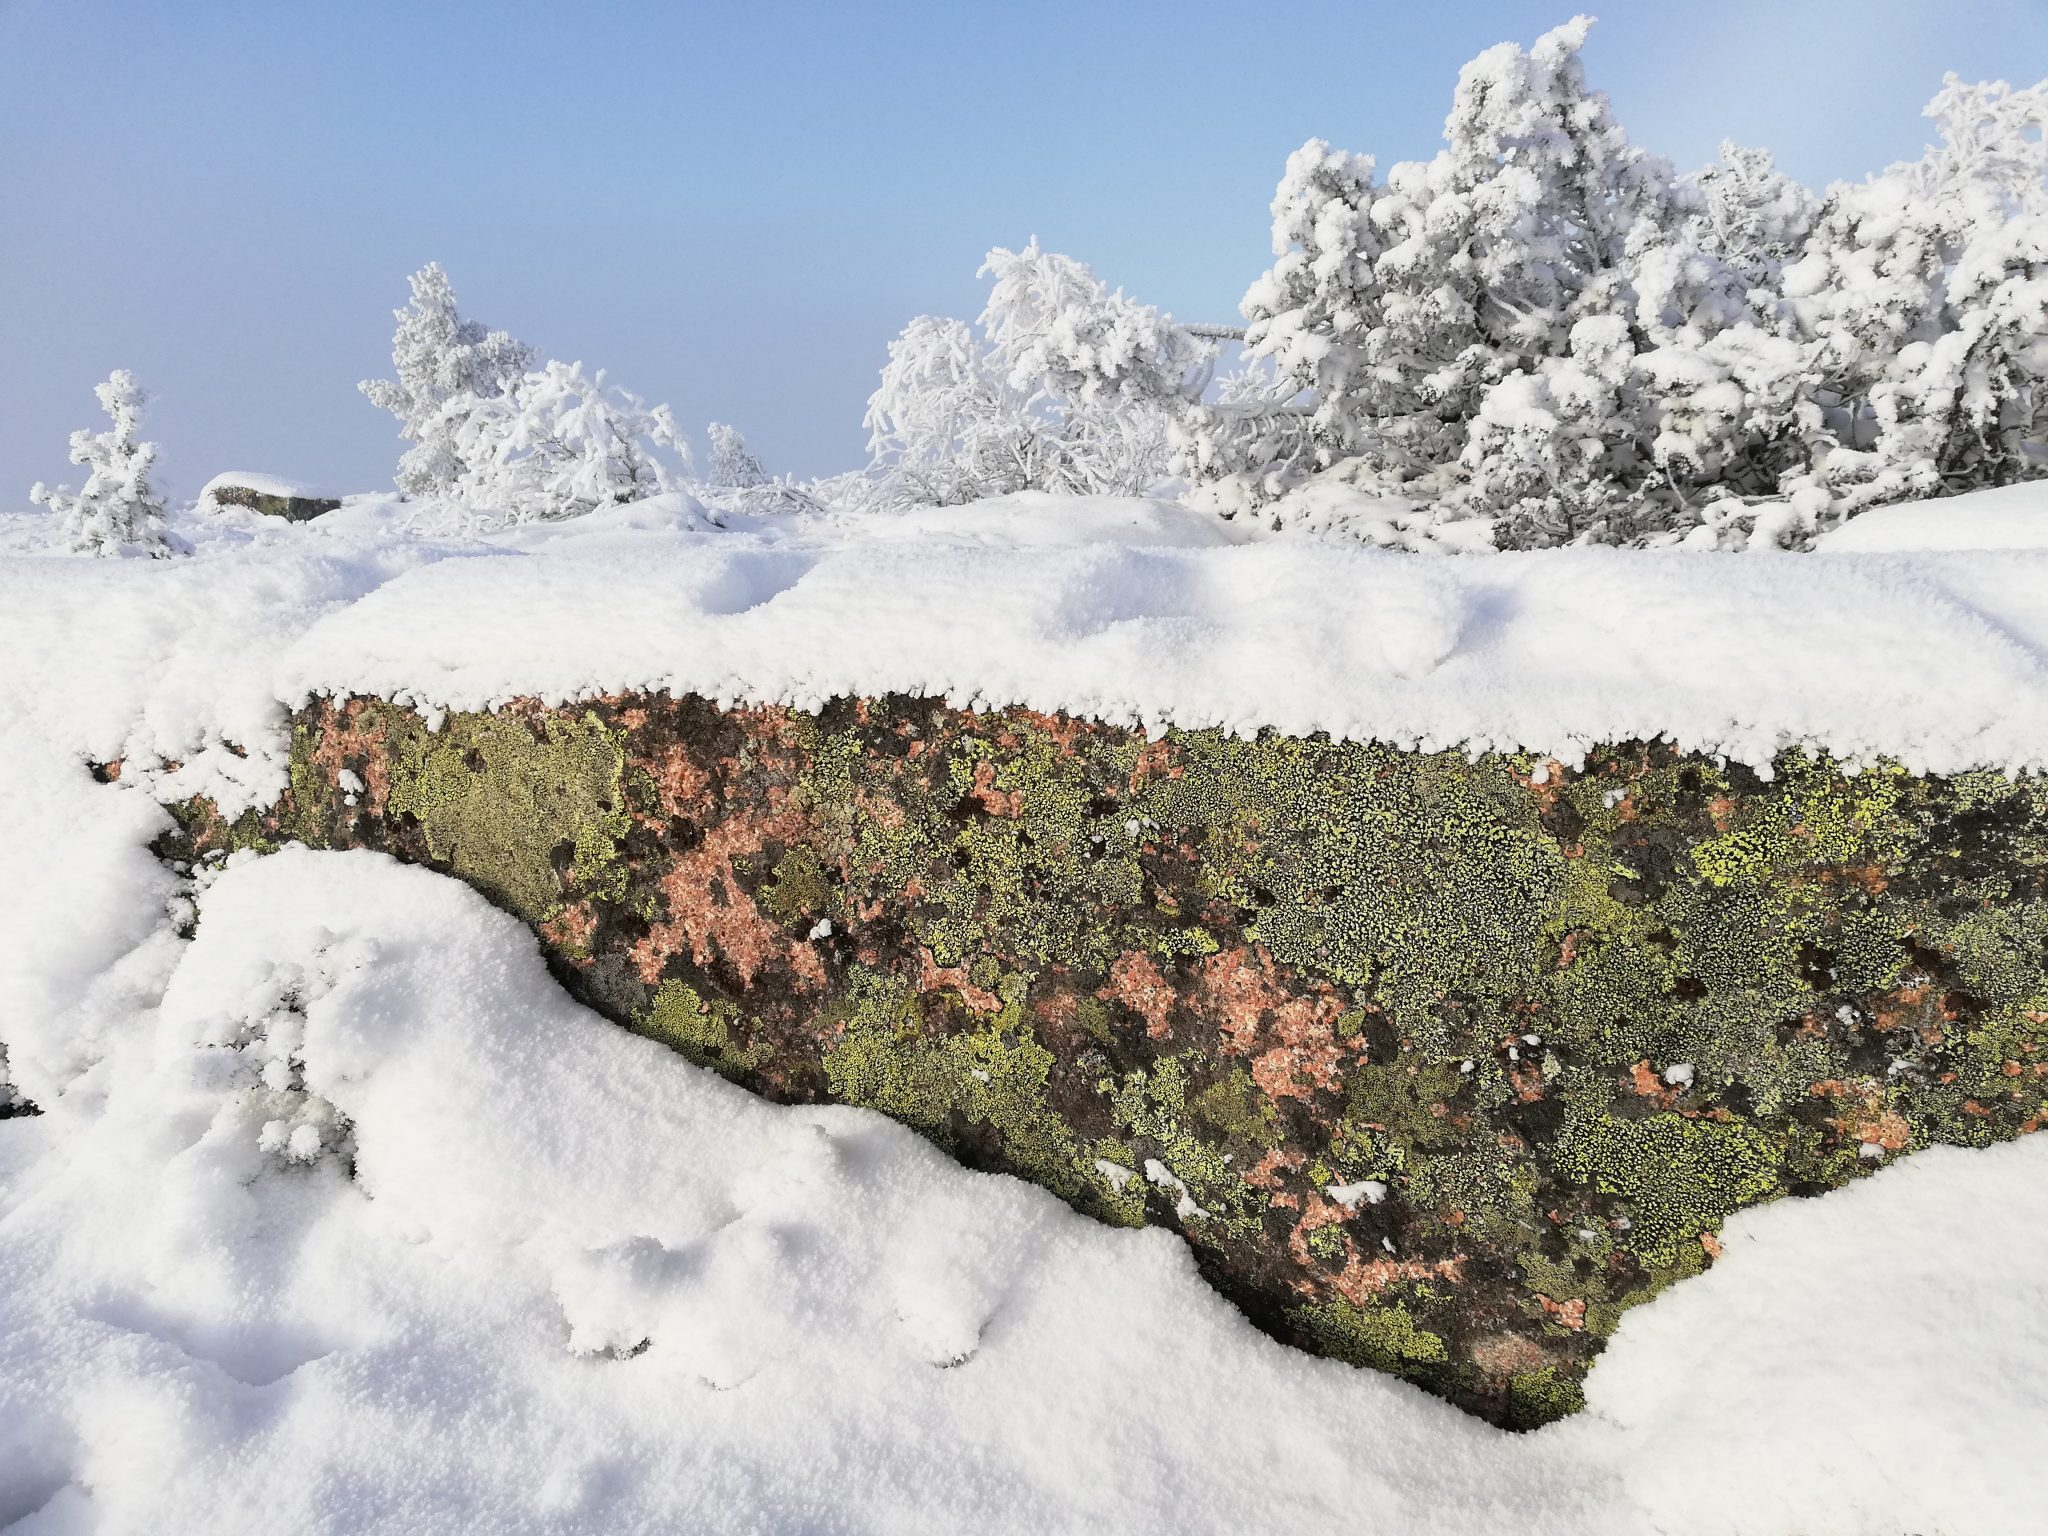 Talvinen luontomaisema, kallio pilkottaa paksun lumipeitteen alta.